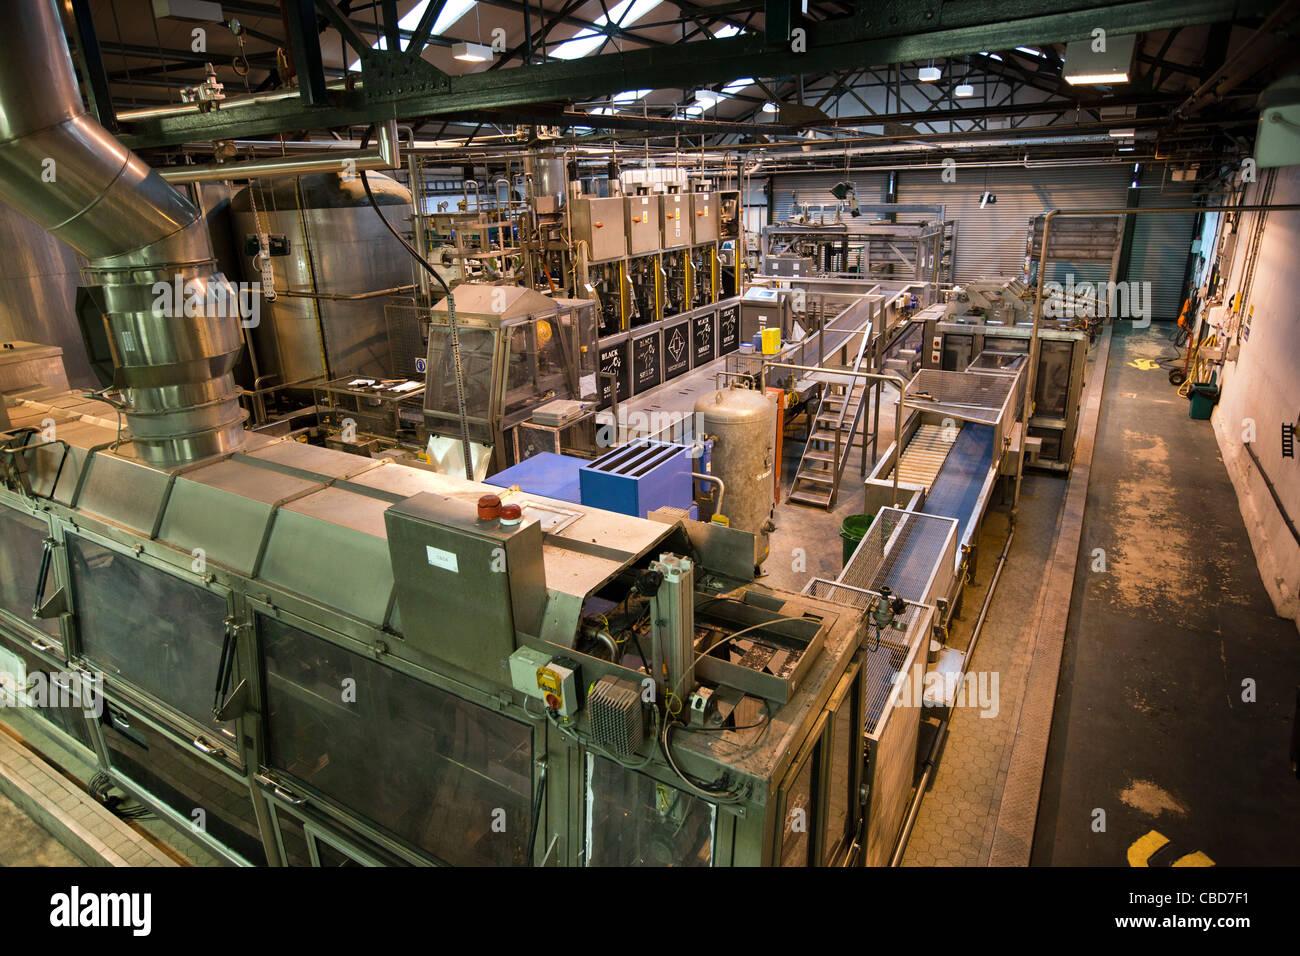 UK, England, Yorkshire, Masham, inside Black Sheep Brewery, modern brewing plant - Stock Image